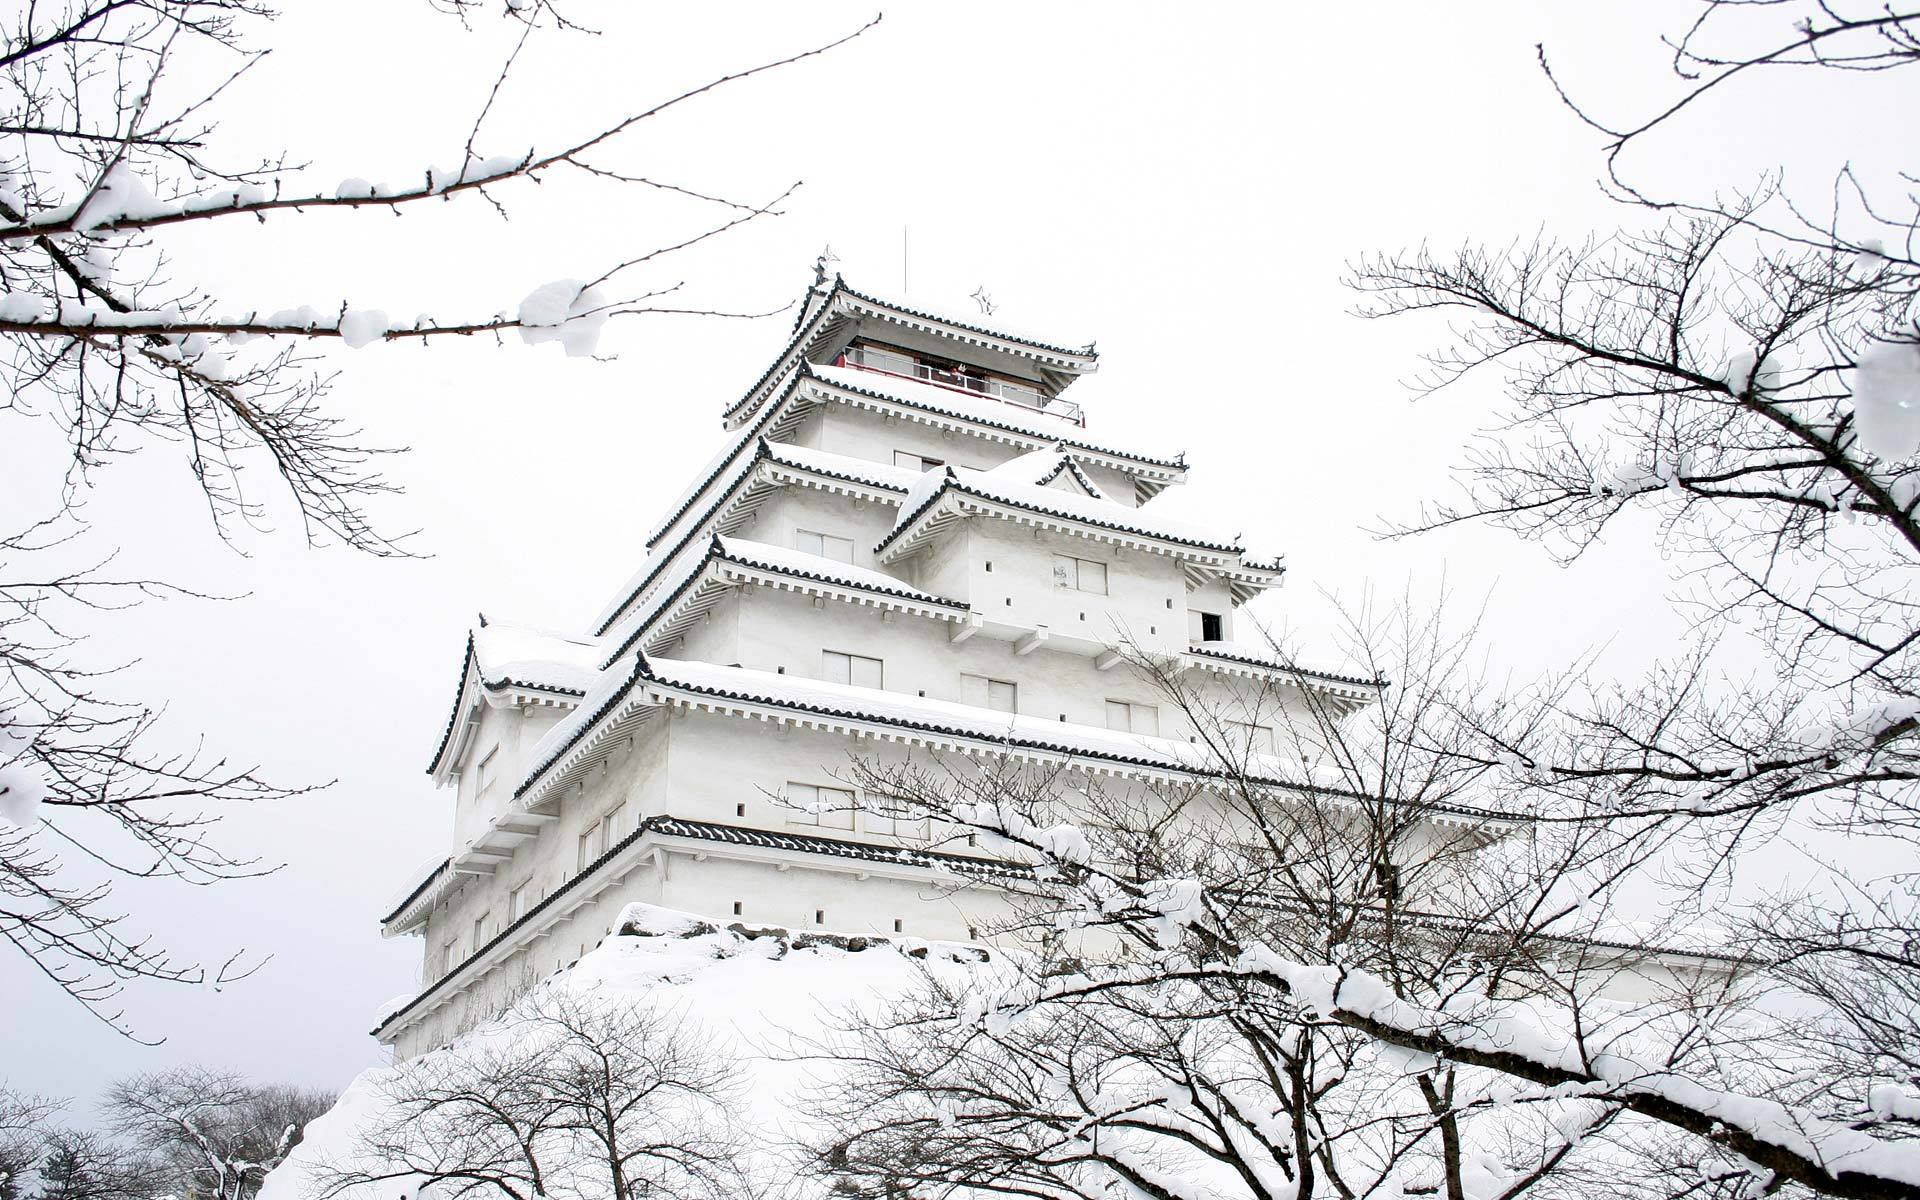 Tour Du Lịch Nhật Bản 2018: Tokyo - Hakone - Kyoto - Osaka